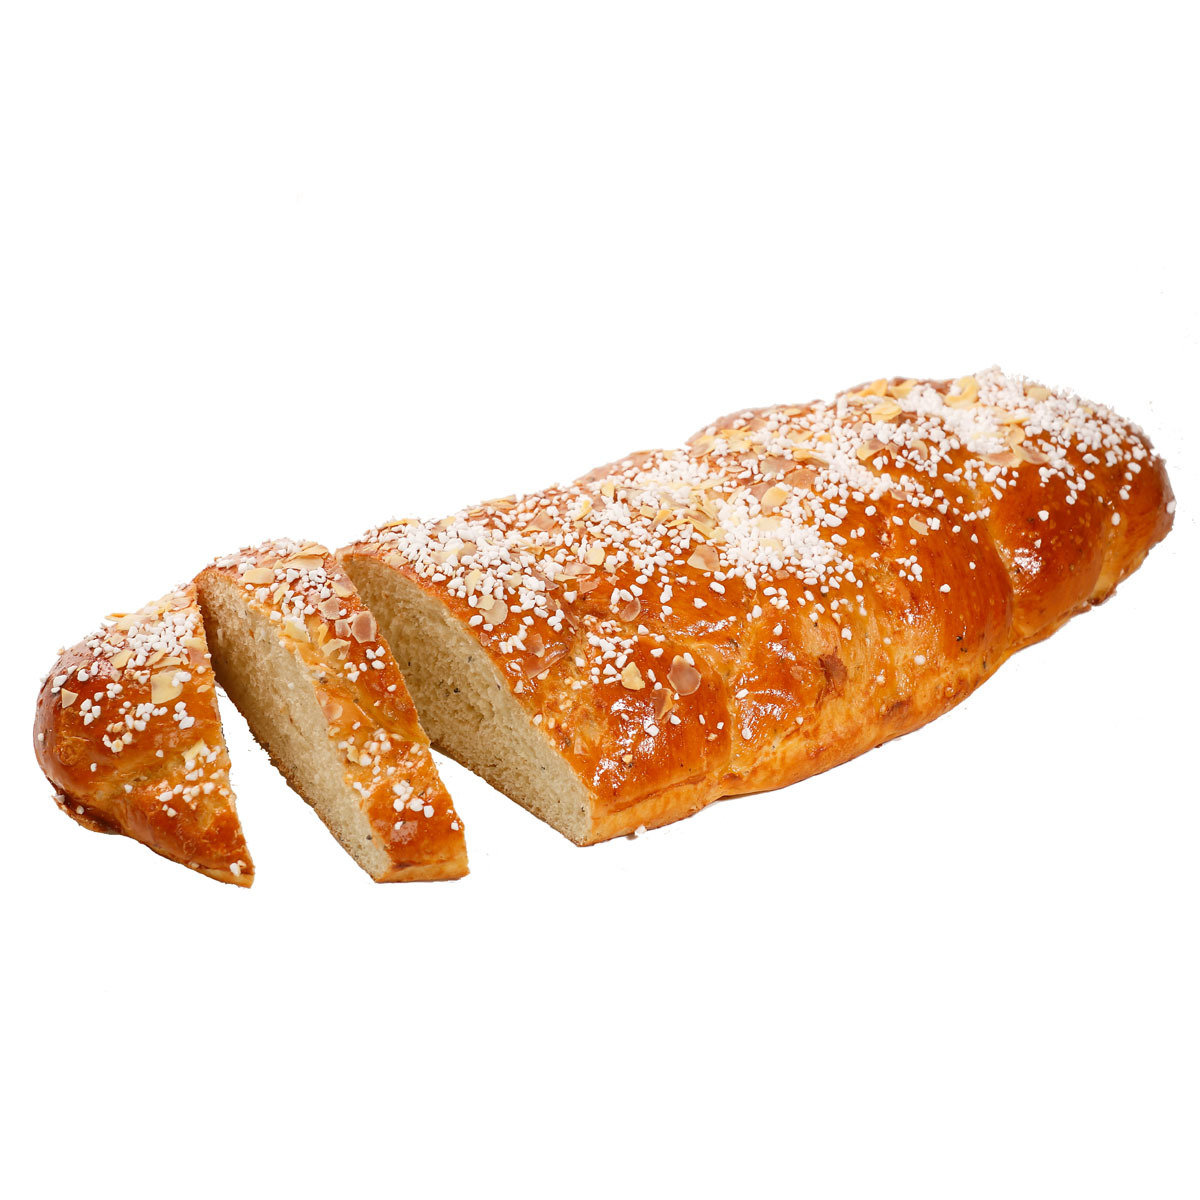 Letitetty pullapitko bakery049